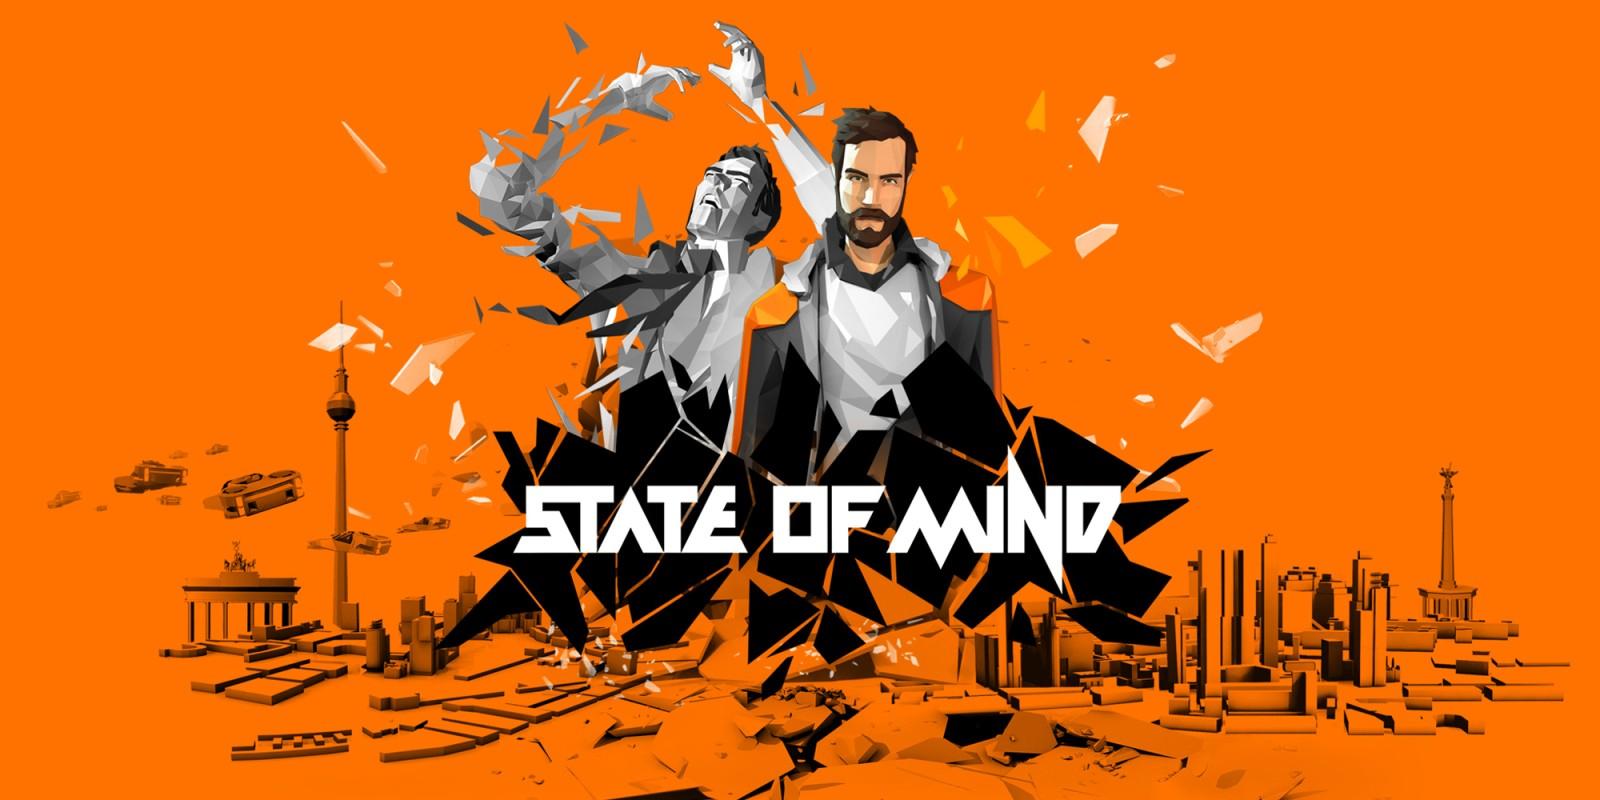 State of Mind für Nintendo Switch im eShop für 9,99 EURO statt 39,99 EURO